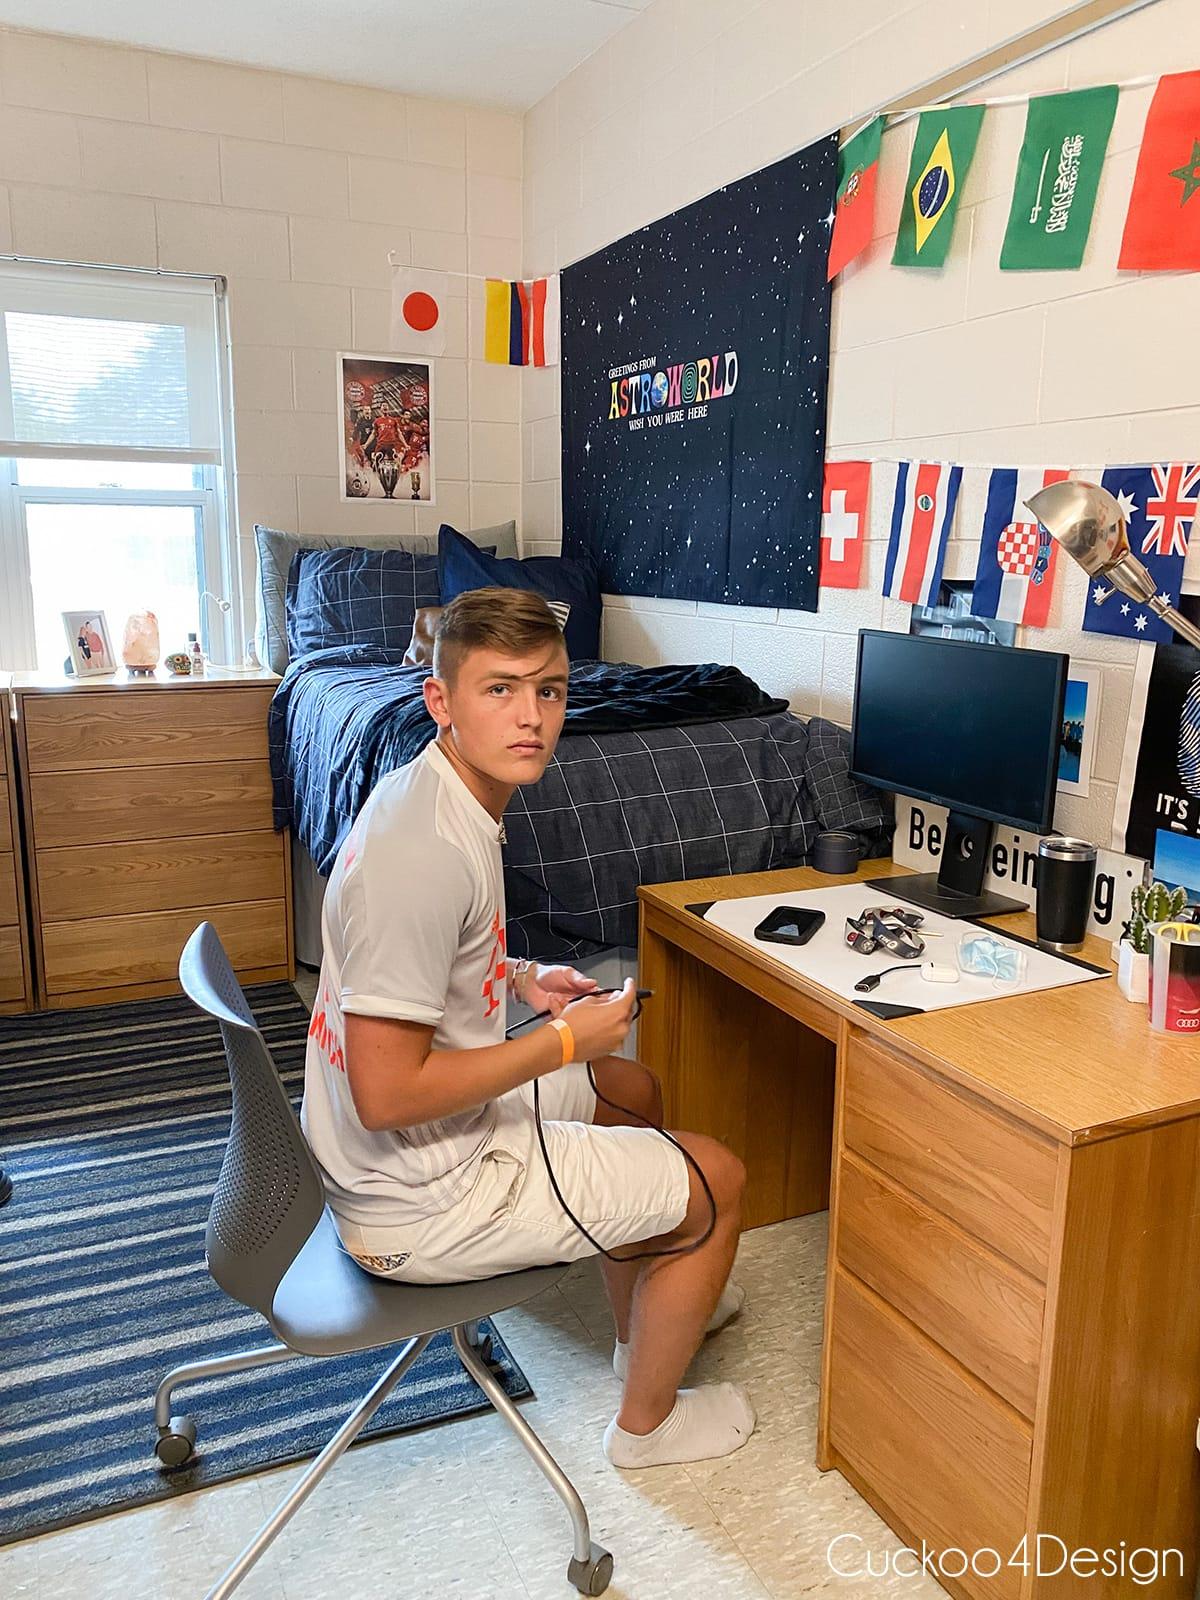 Our son's Temple University dorm tour